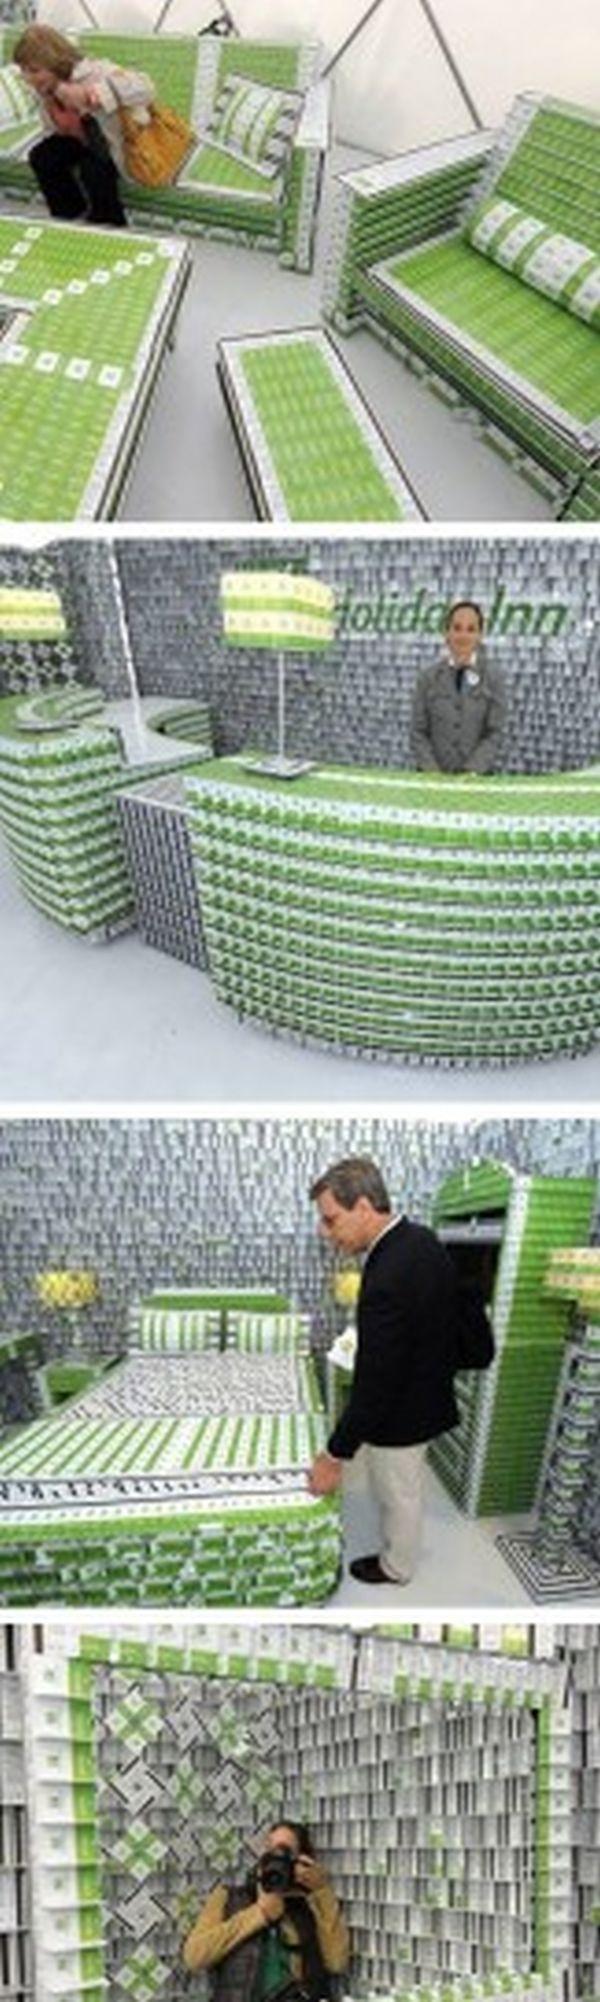 1. Карточные Ключи Здание было построено из 200,000 карточных ключей